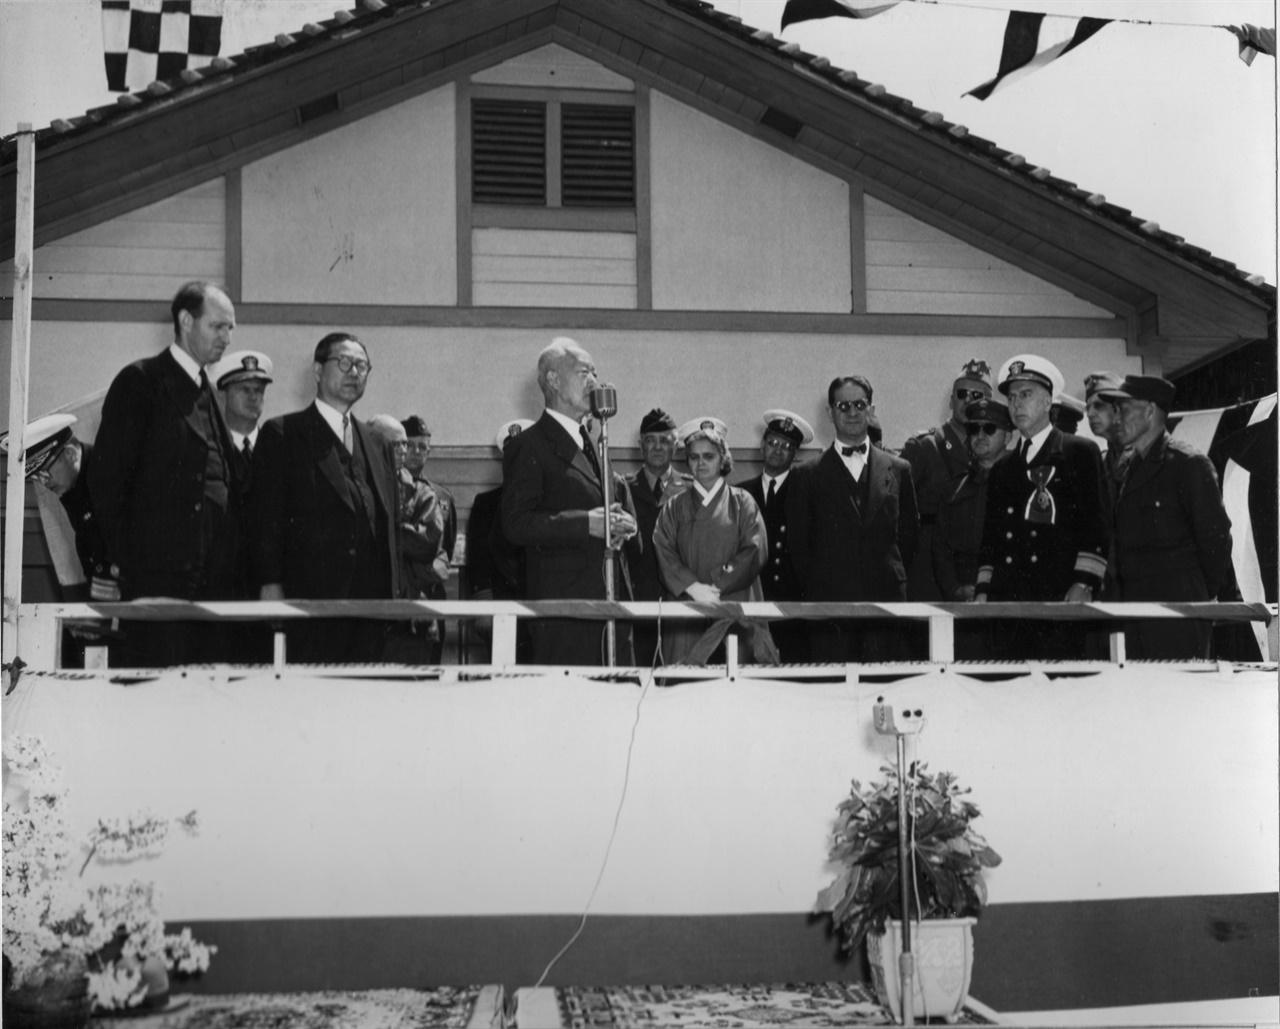 진해 해군사관학교에서 사관생도 사열 후 치사하는 이승만 대통령(1951. 6. 25. 왼쪽 장면 총리, 오른쪽 프란체스카 부인, 무초 주한 미 대사, 스미스 장군, 신성모 국방장관).